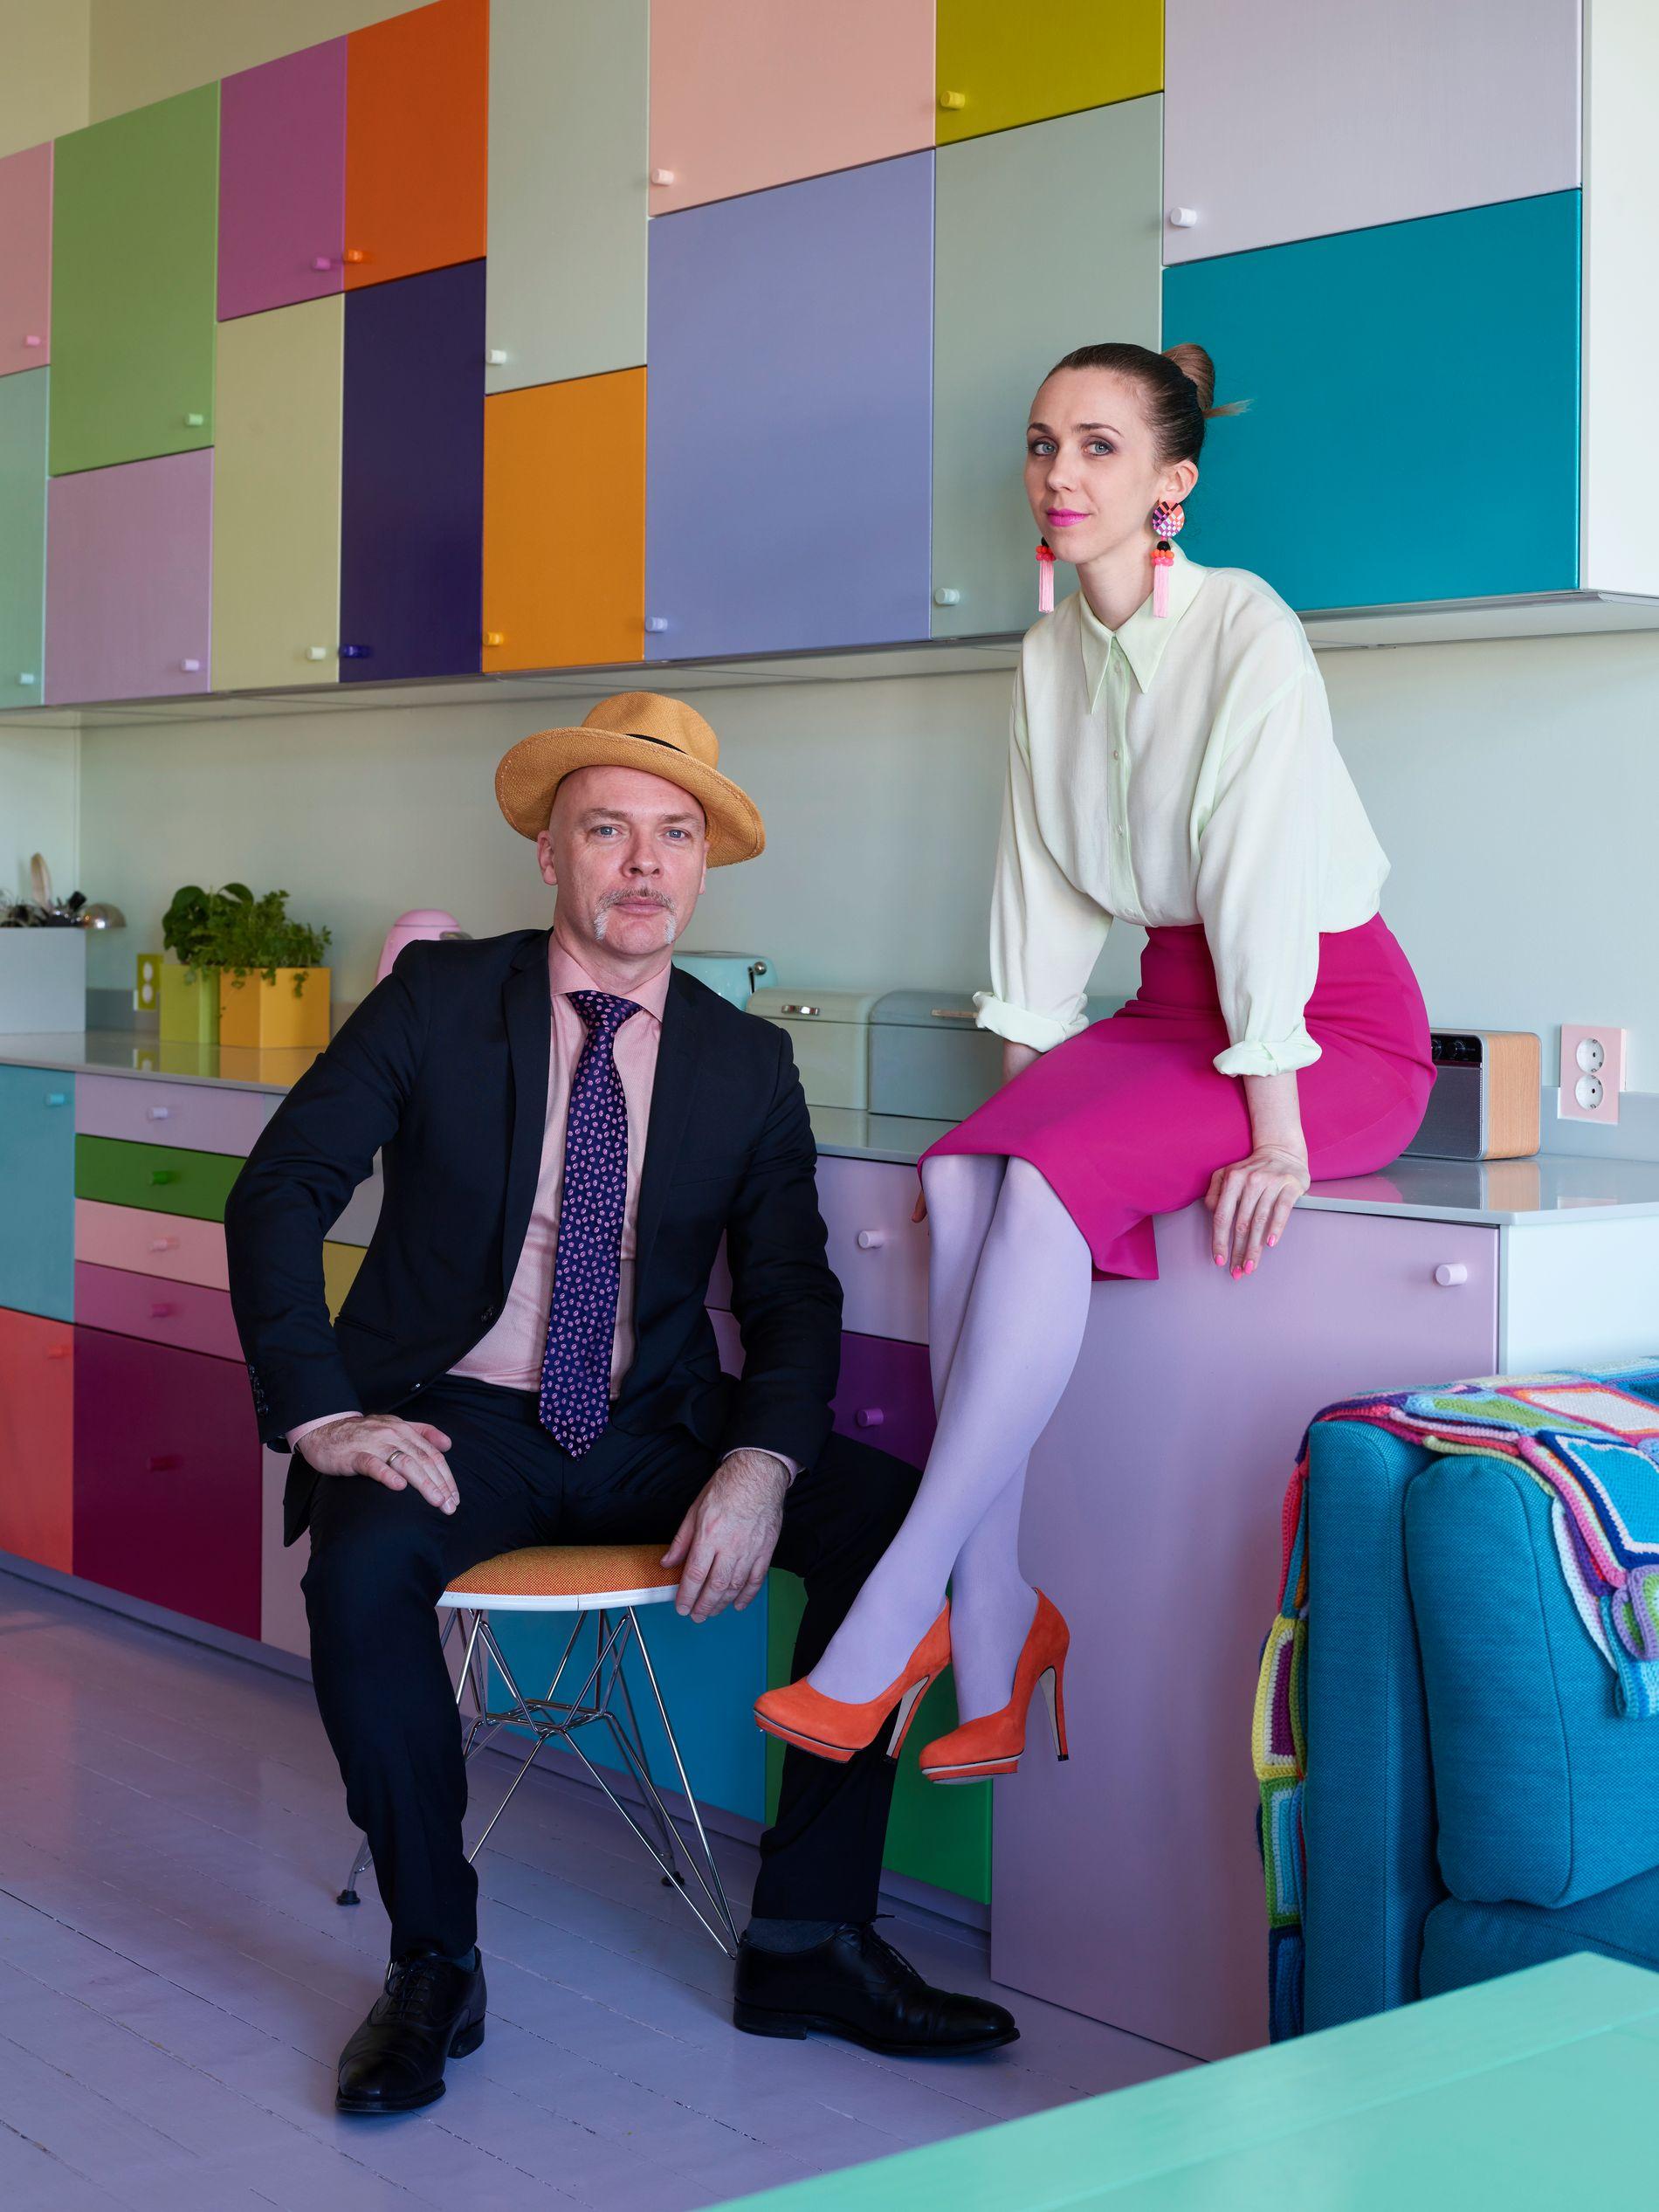 LEKENT: Veggen med kjøkkenskap er blitt til som en lek med former og farger. Basisen er en ordinær innredning av det rimeligere slaget.